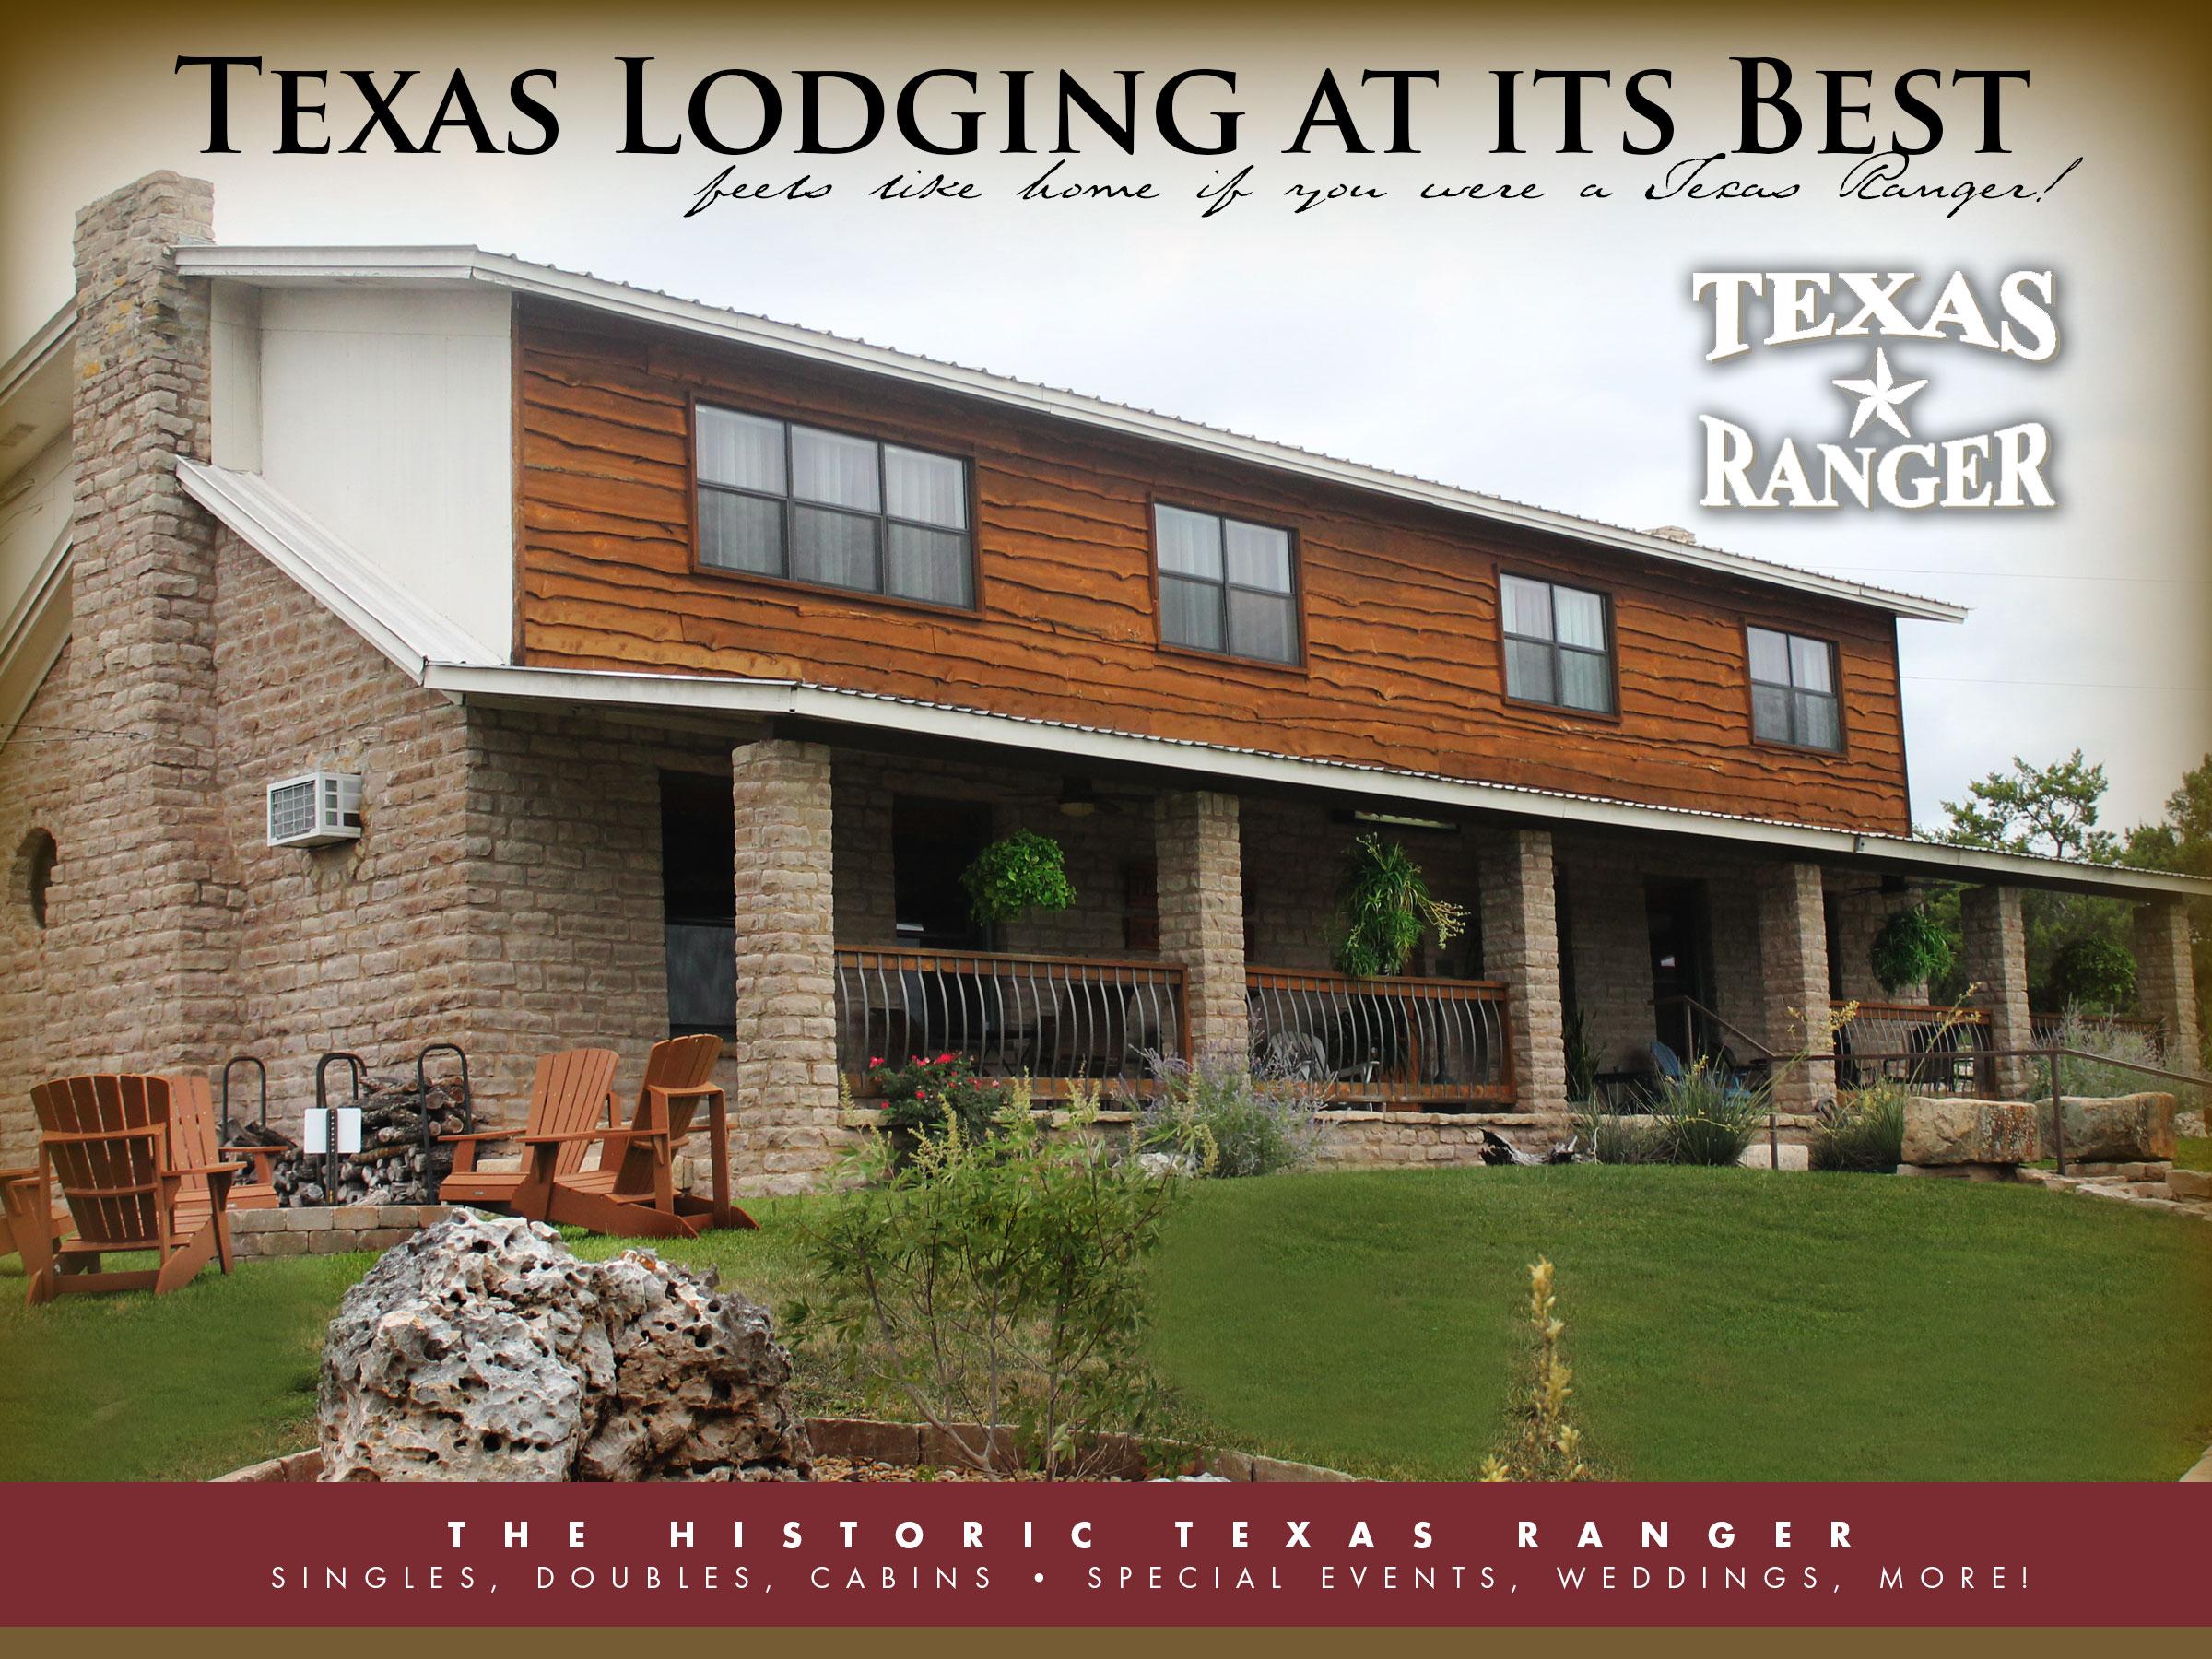 Texas Ranger Motel & RV Park